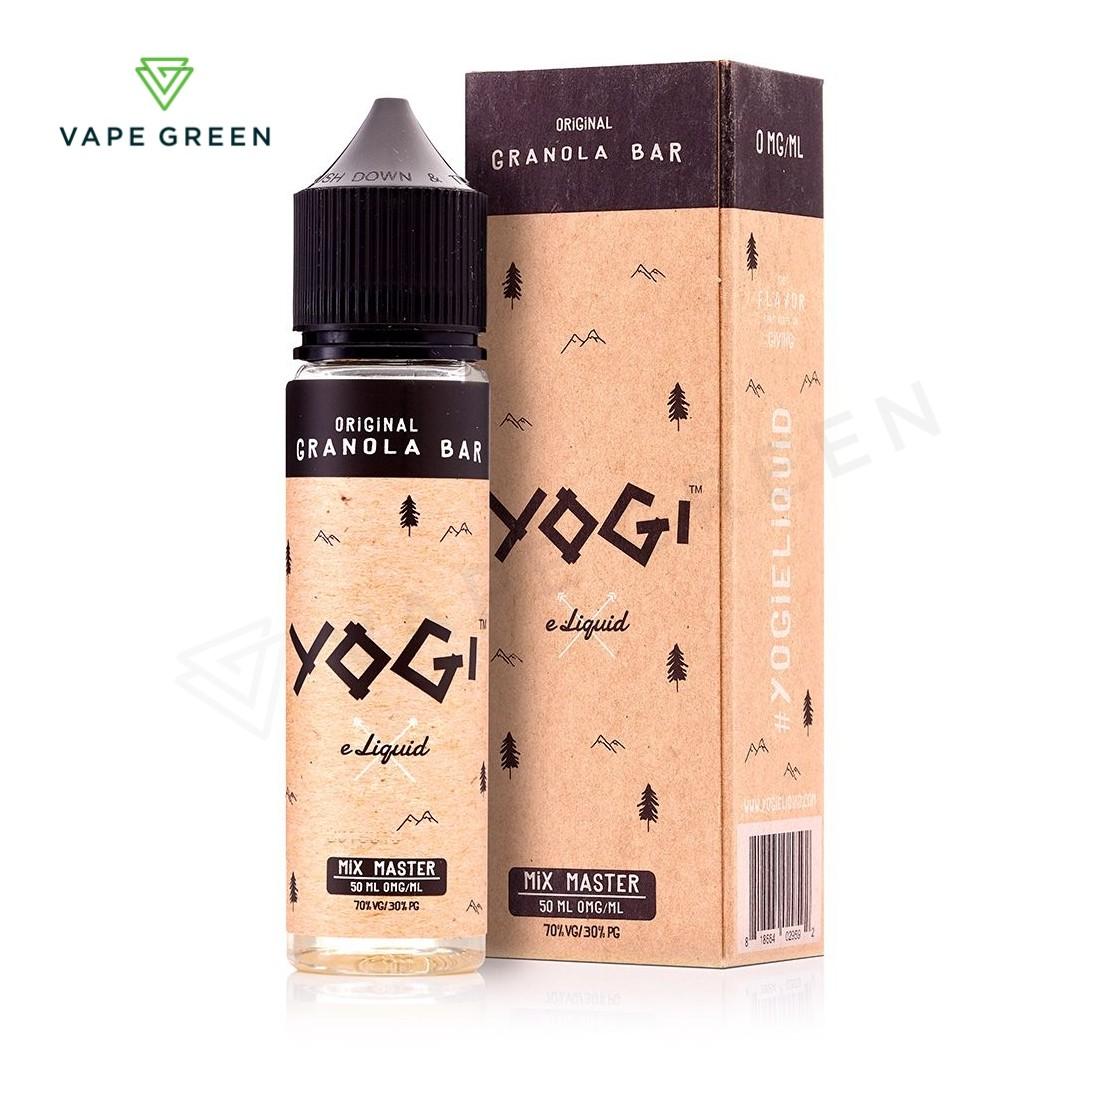 Original Granola Bar E-Liquid by Yogi 50ml